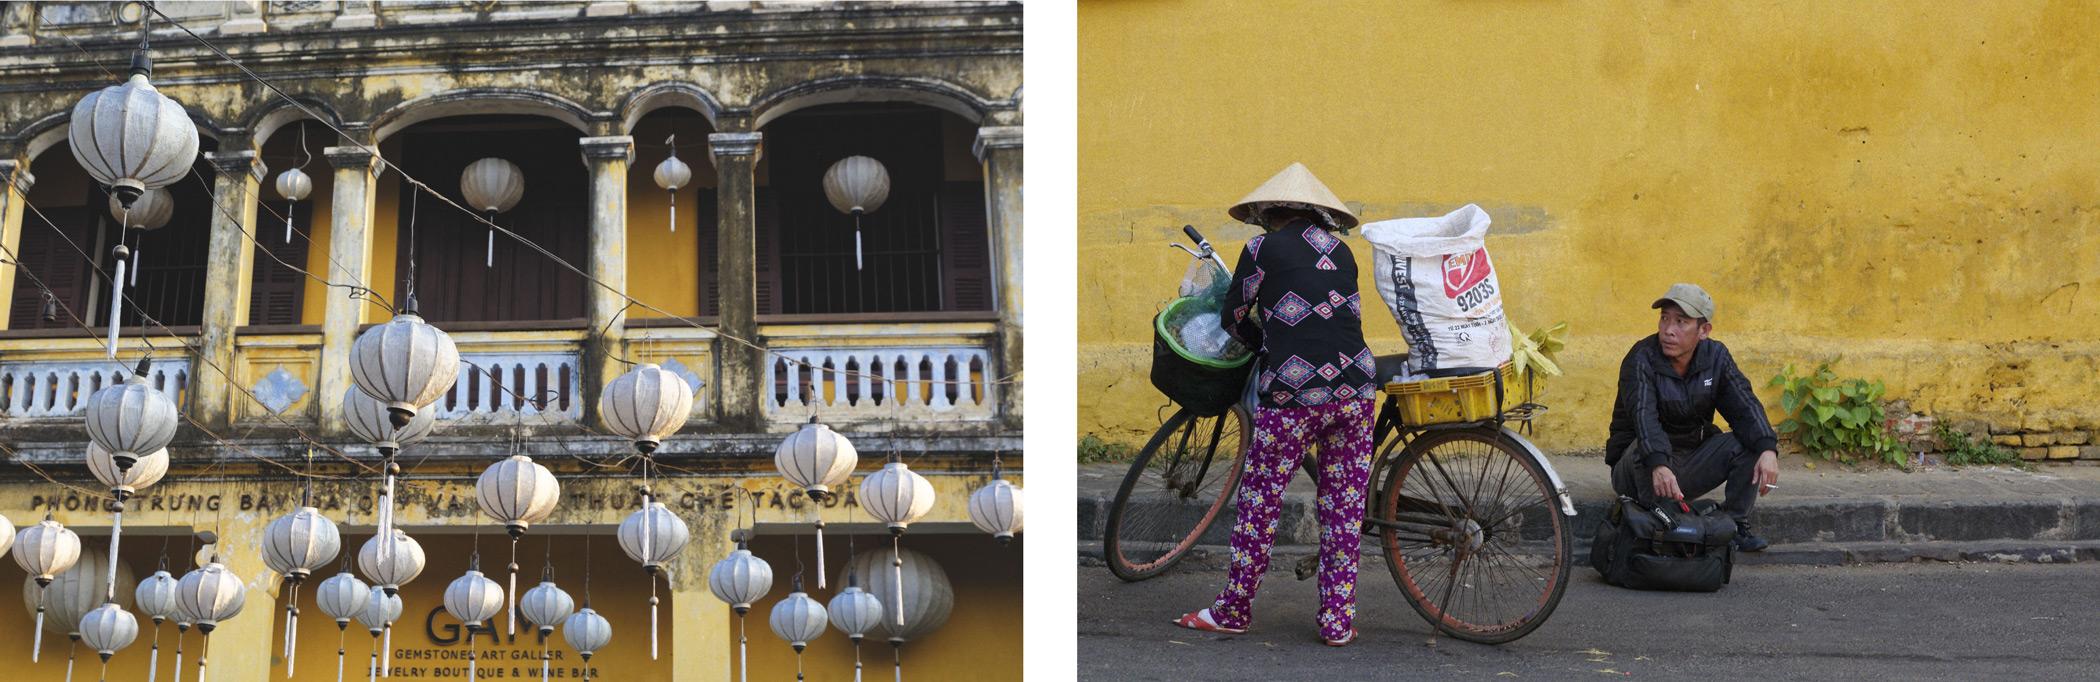 Lampions et murs jaunes Hoi An